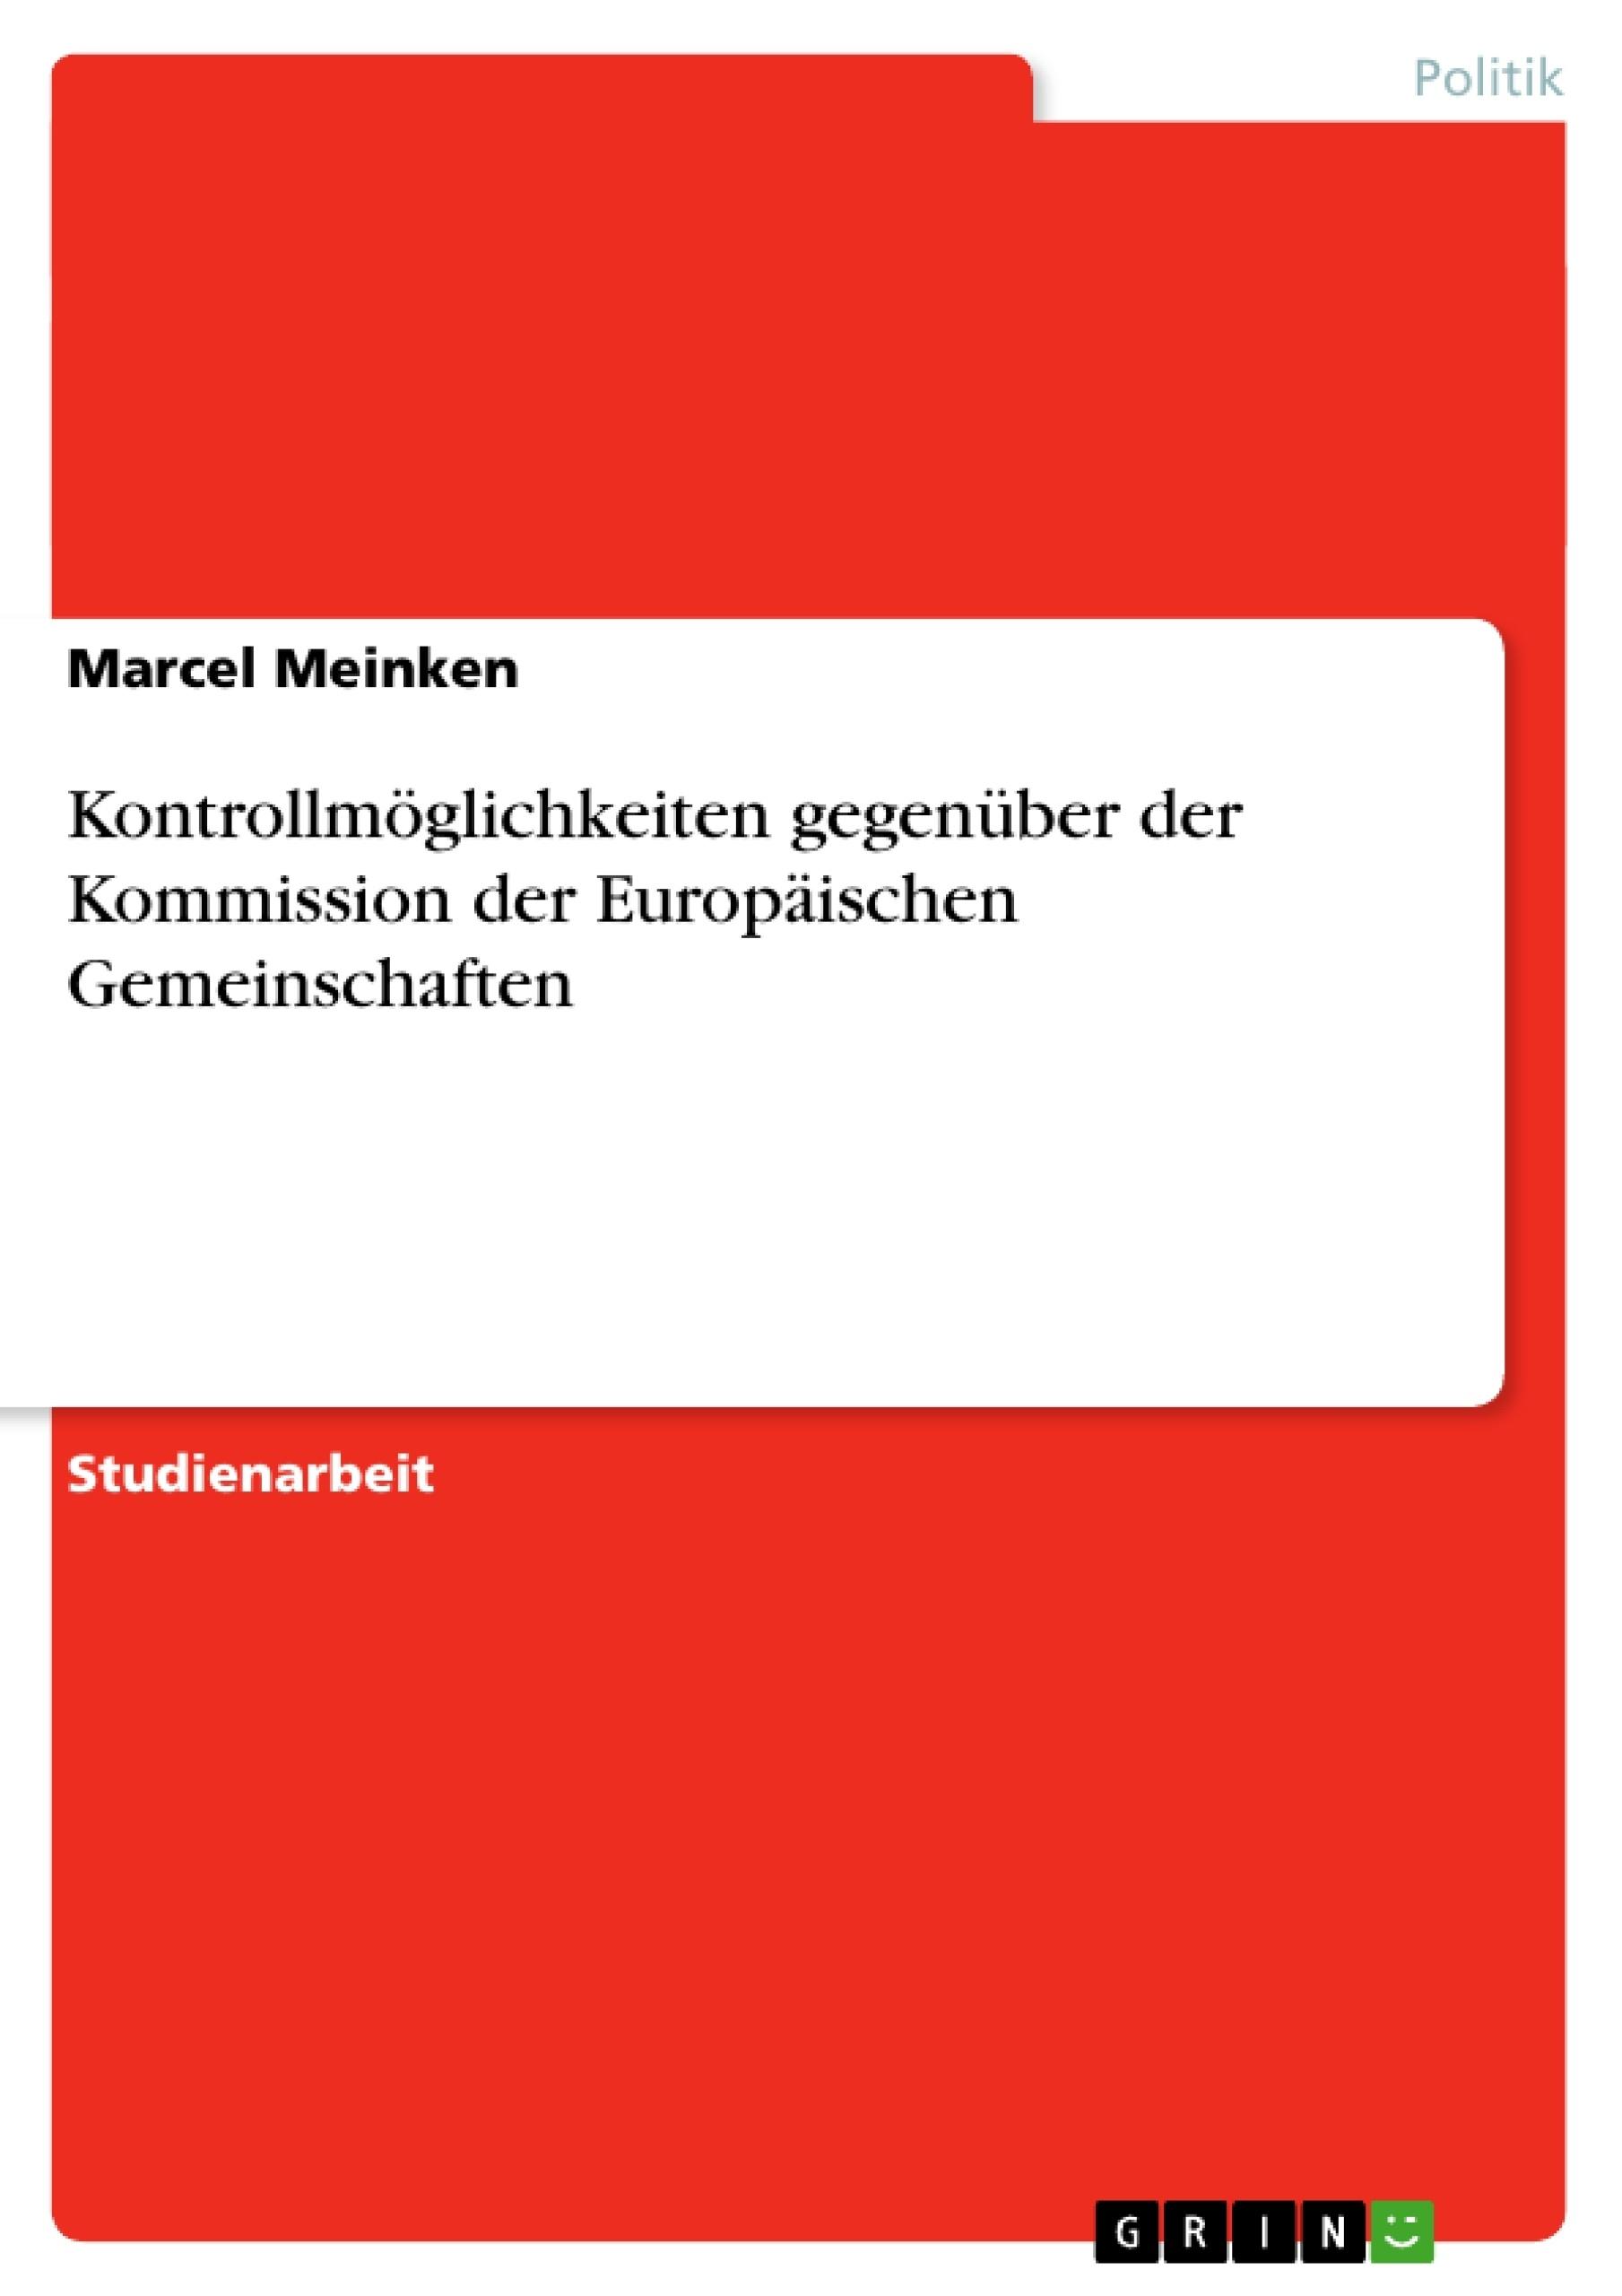 Titel: Kontrollmöglichkeiten gegenüber der Kommission der Europäischen Gemeinschaften